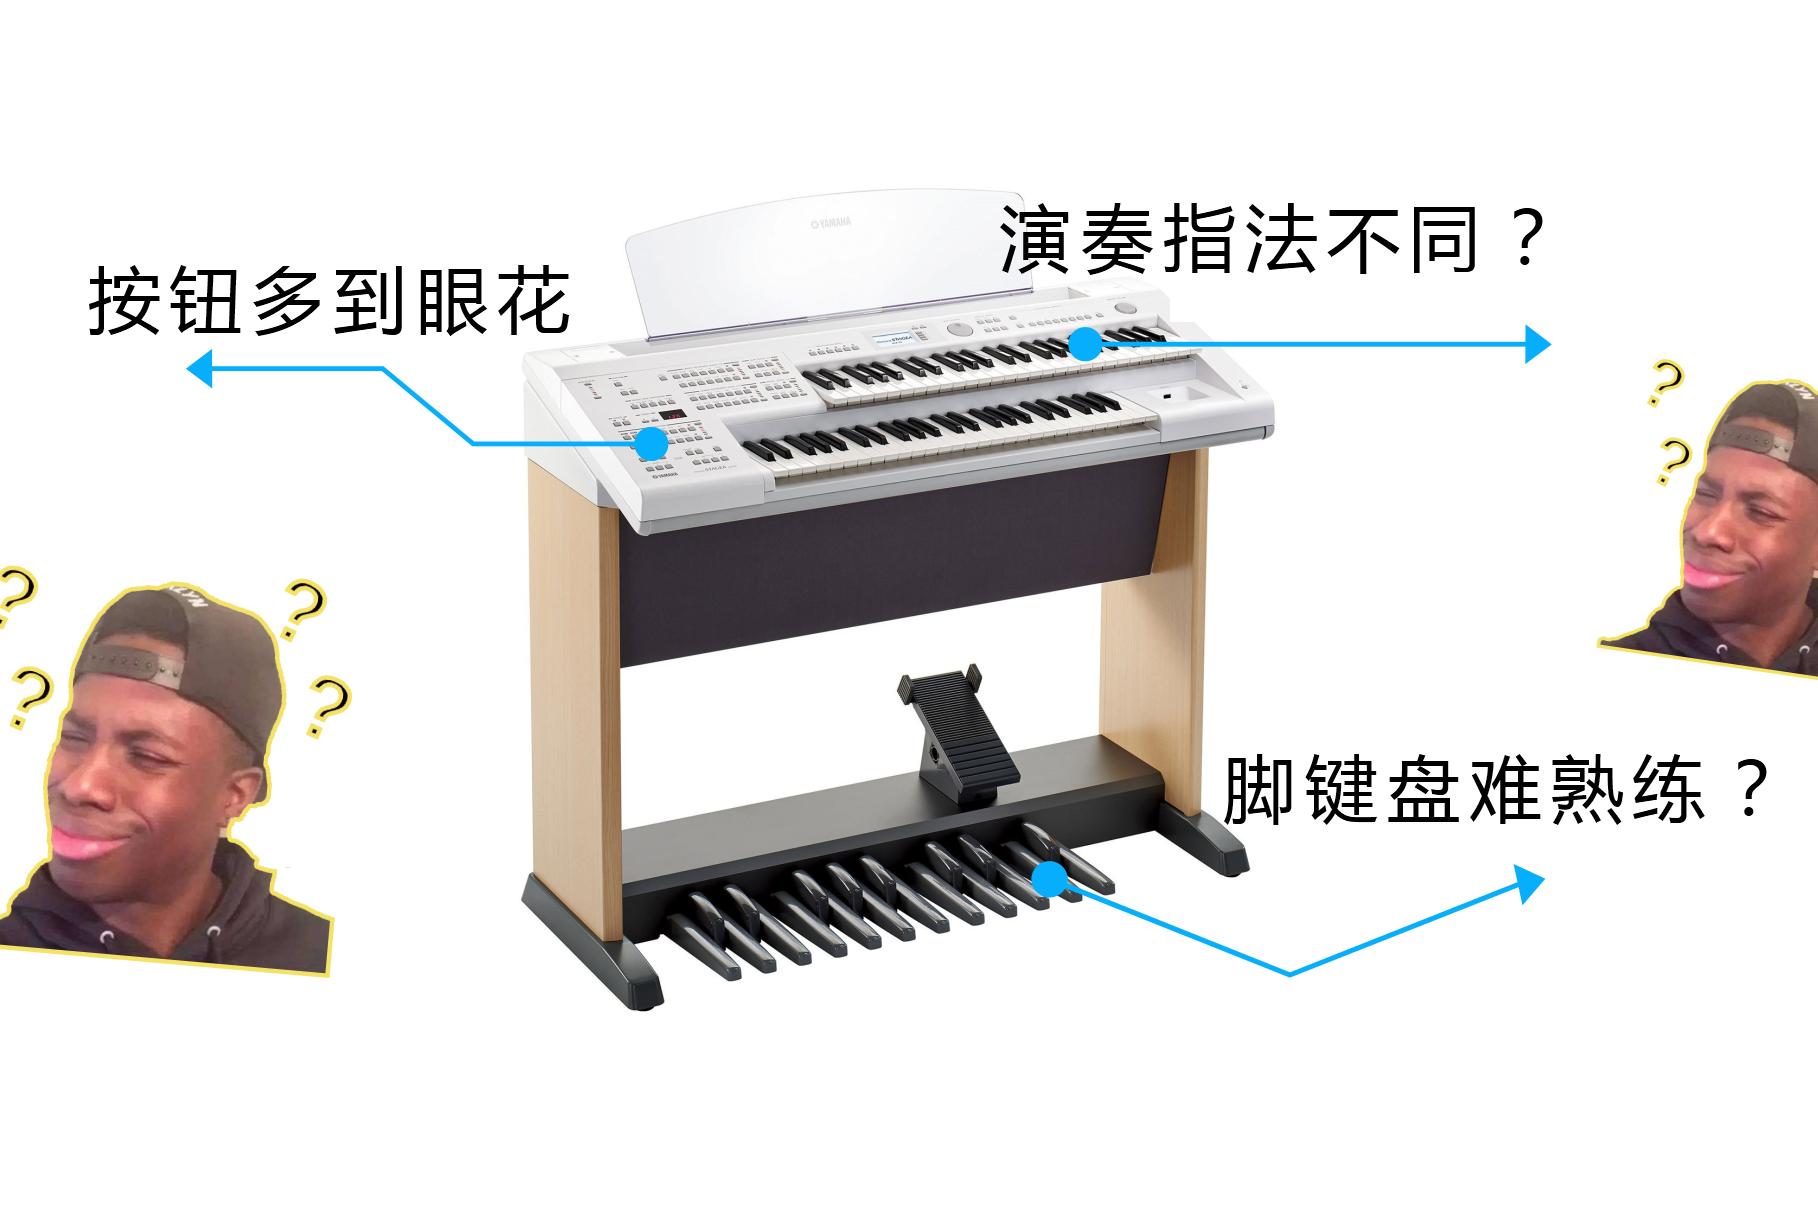 <b>若有其他键盘基础,拓展双排键教学难吗?</b>